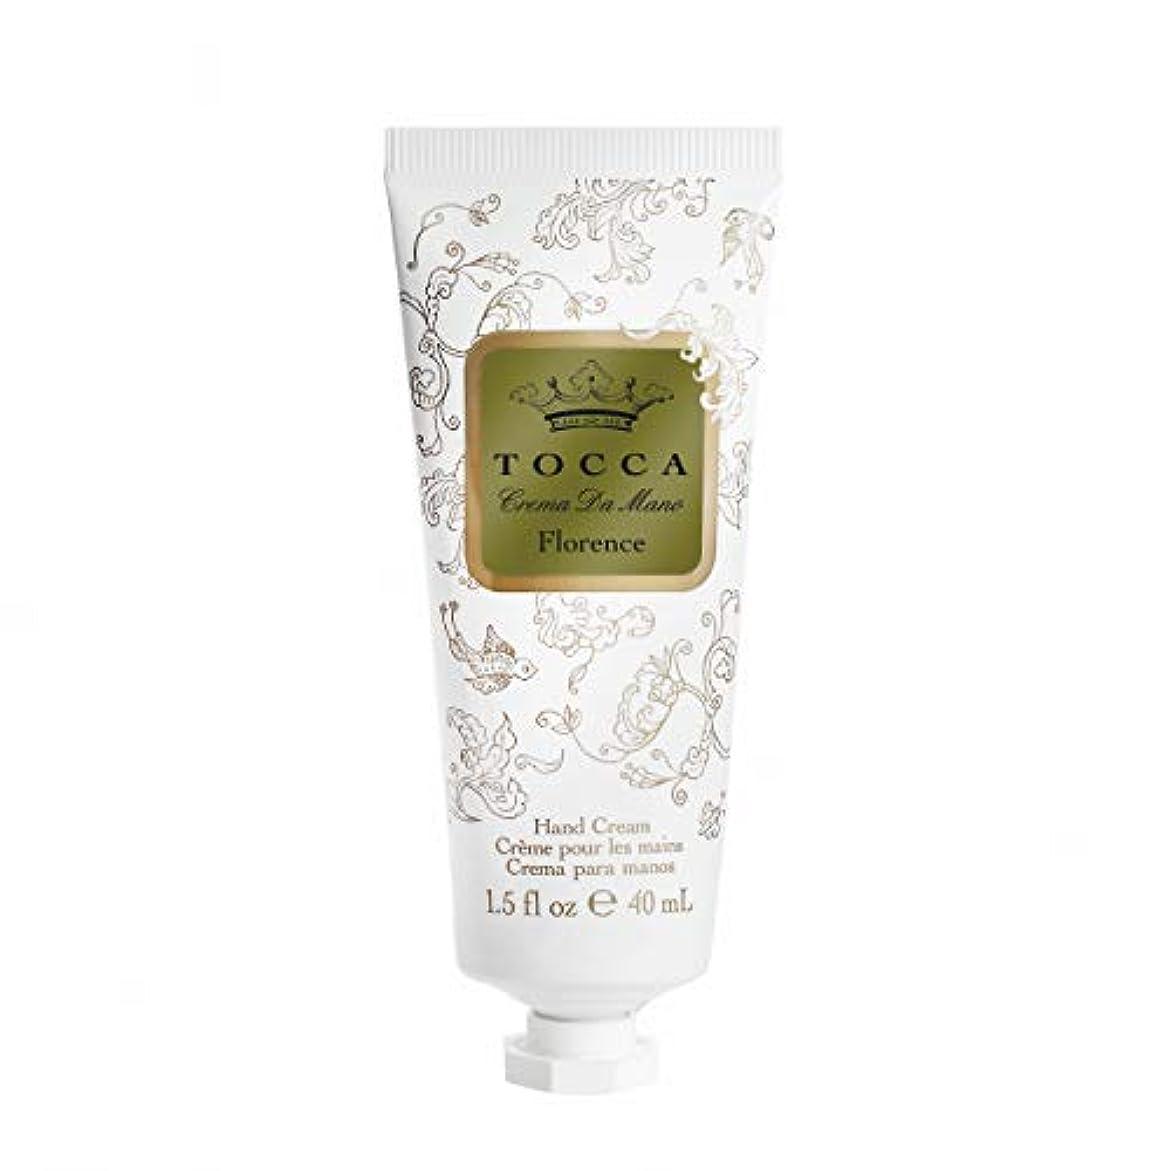 贅沢収容する気分が悪いトッカ(TOCCA) ハンドクリーム フローレンスの香り 40mL (ガーデニアとベルガモットが誘うように溶け合うどこまでも上品なフローラルの香り)